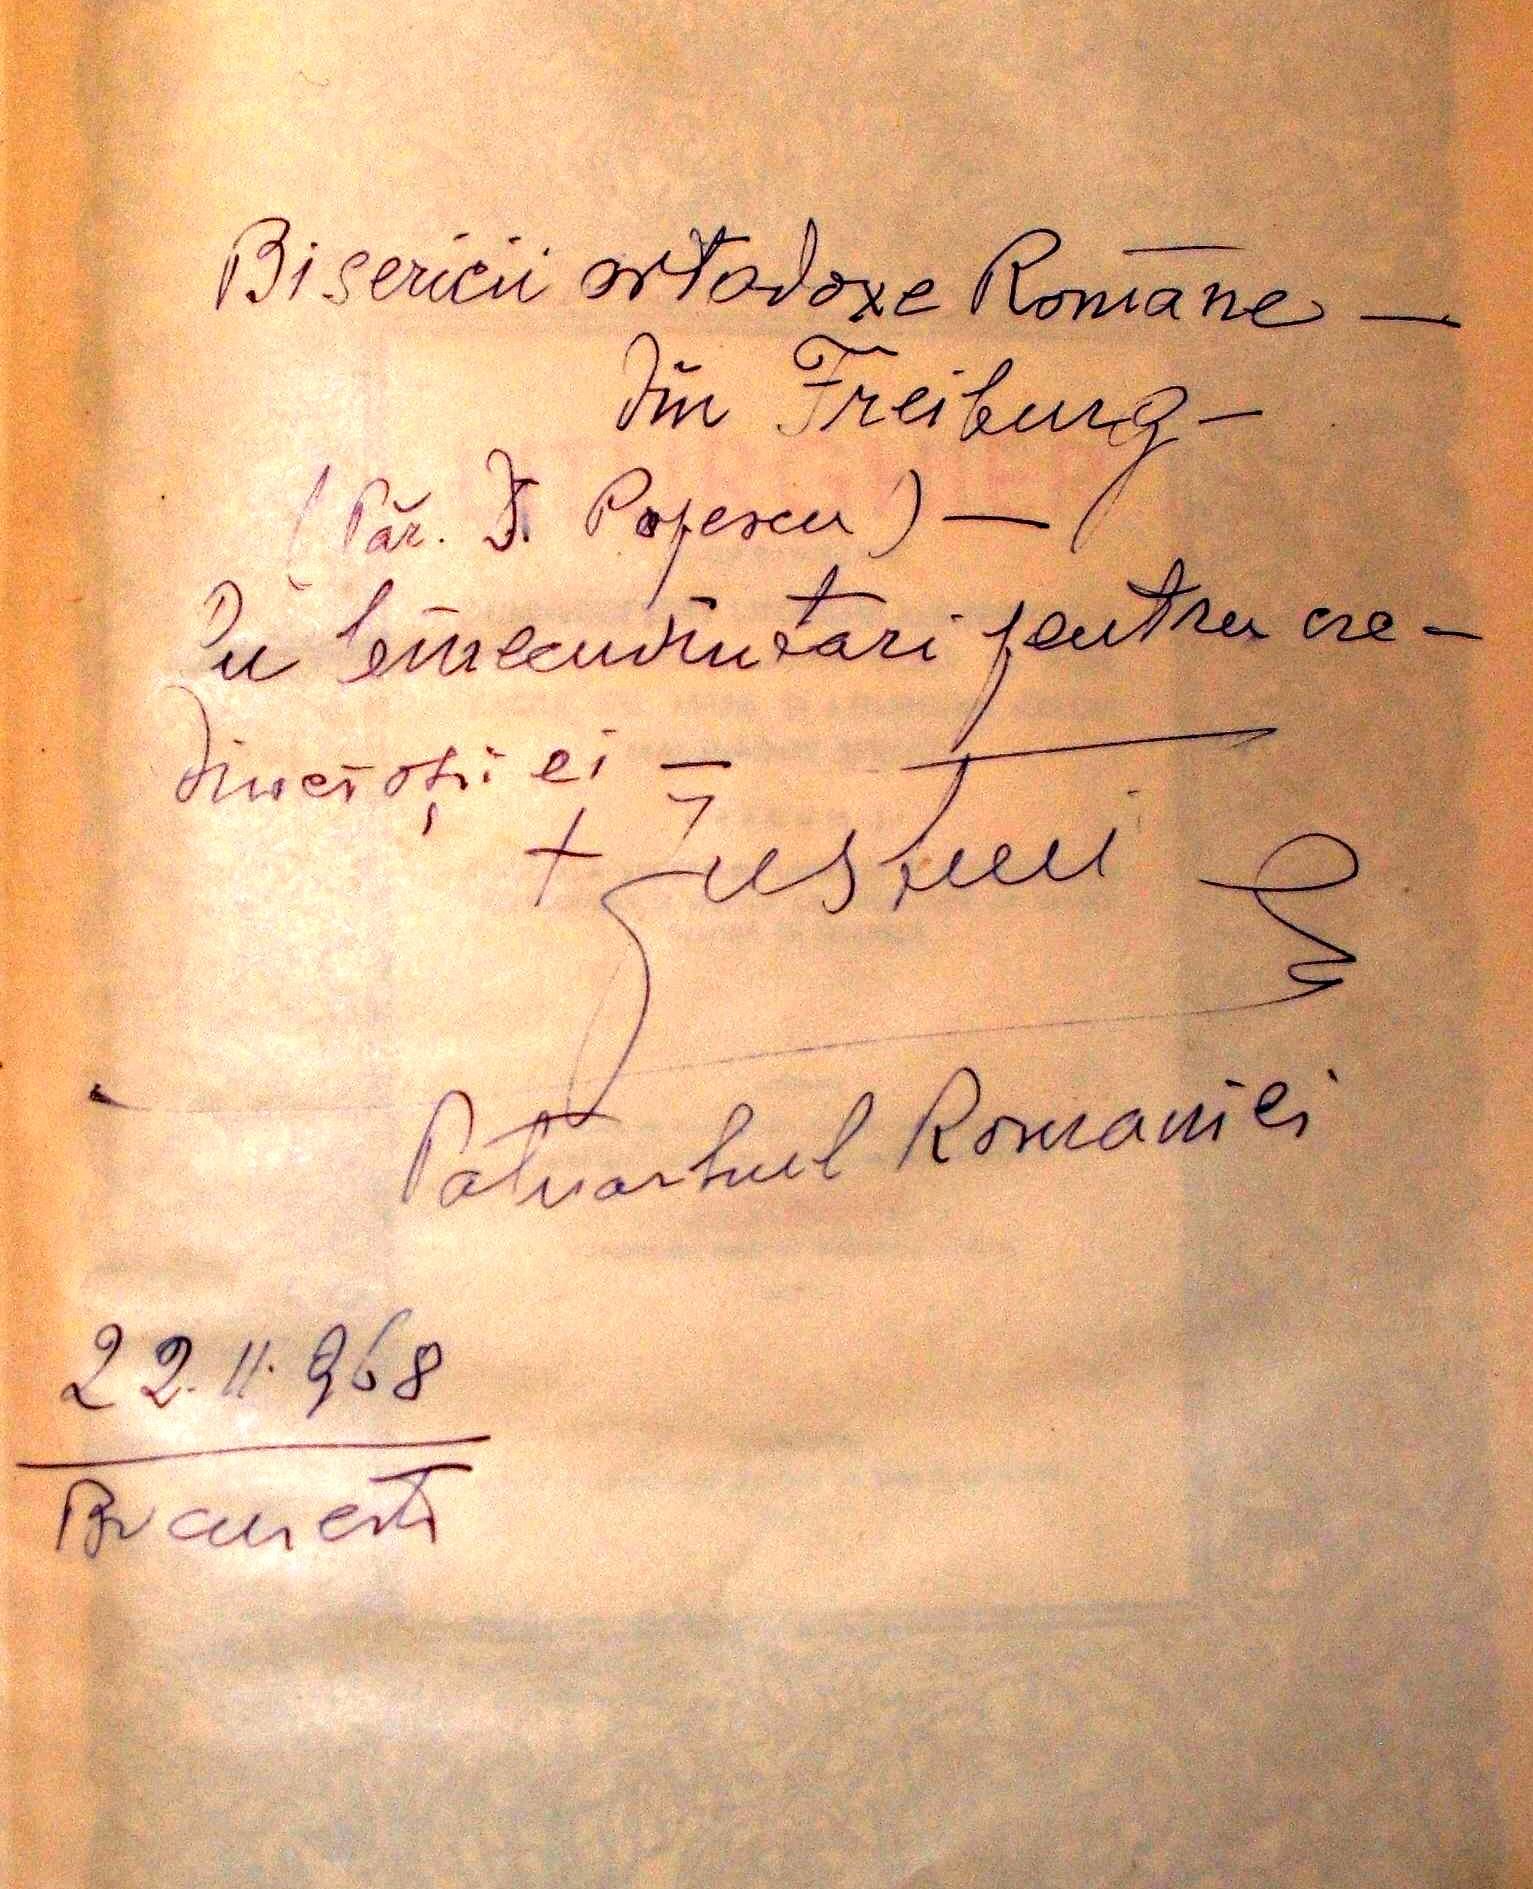 Justinian Patriarhul dedicatie pe Liturghierul catre Pr. Popa hp 1